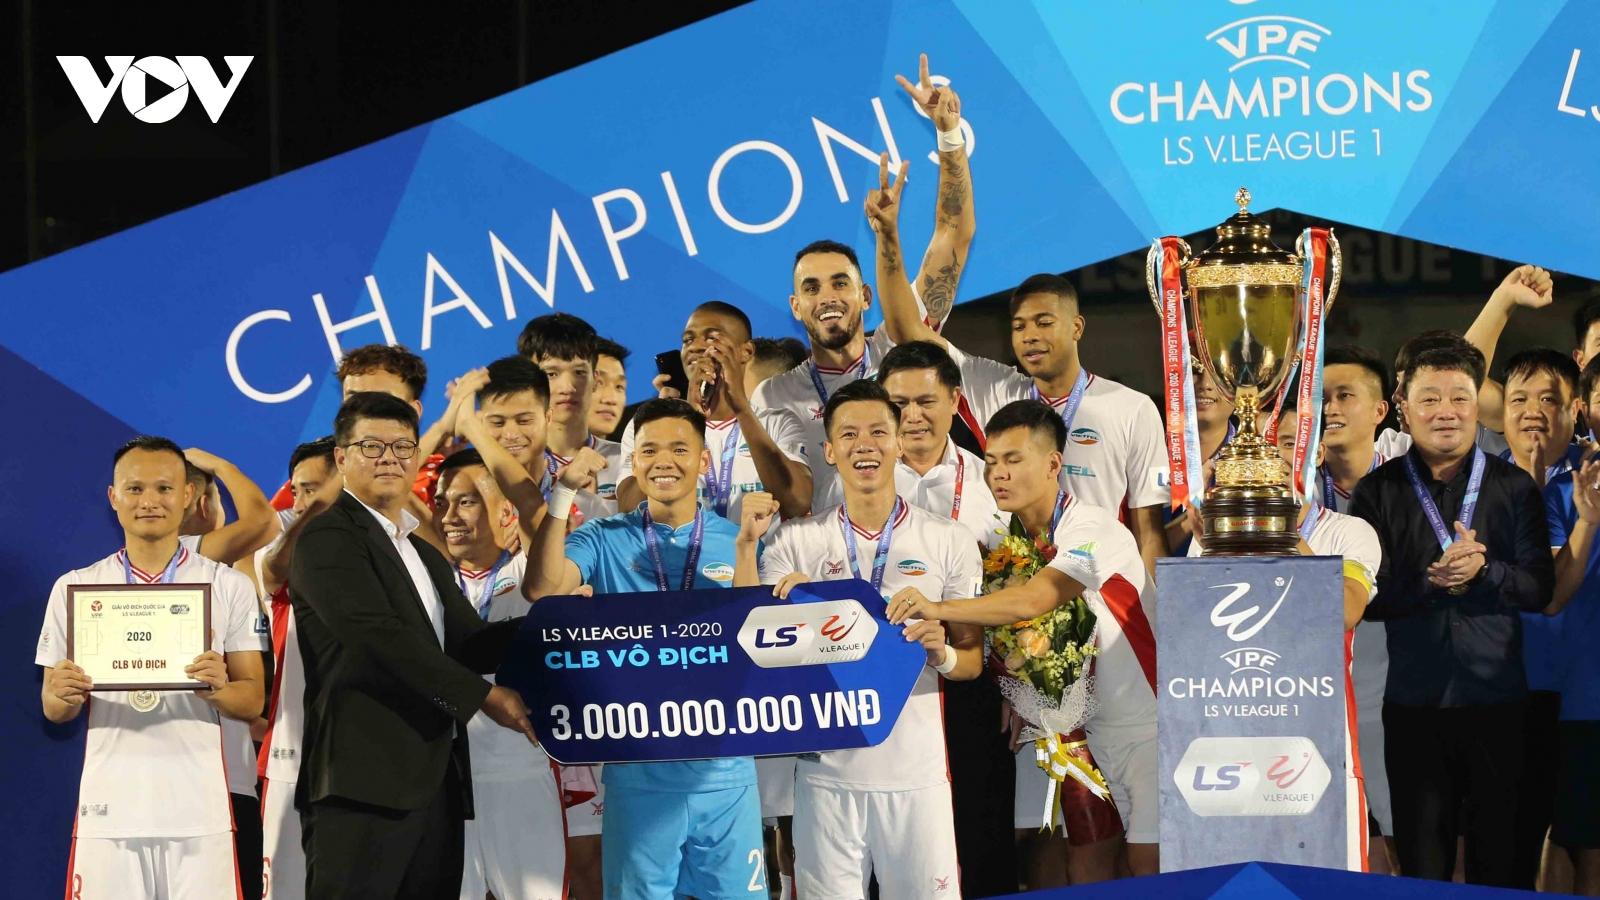 Chuyên gia giải mã thành công của Viettel ở V-League 2020